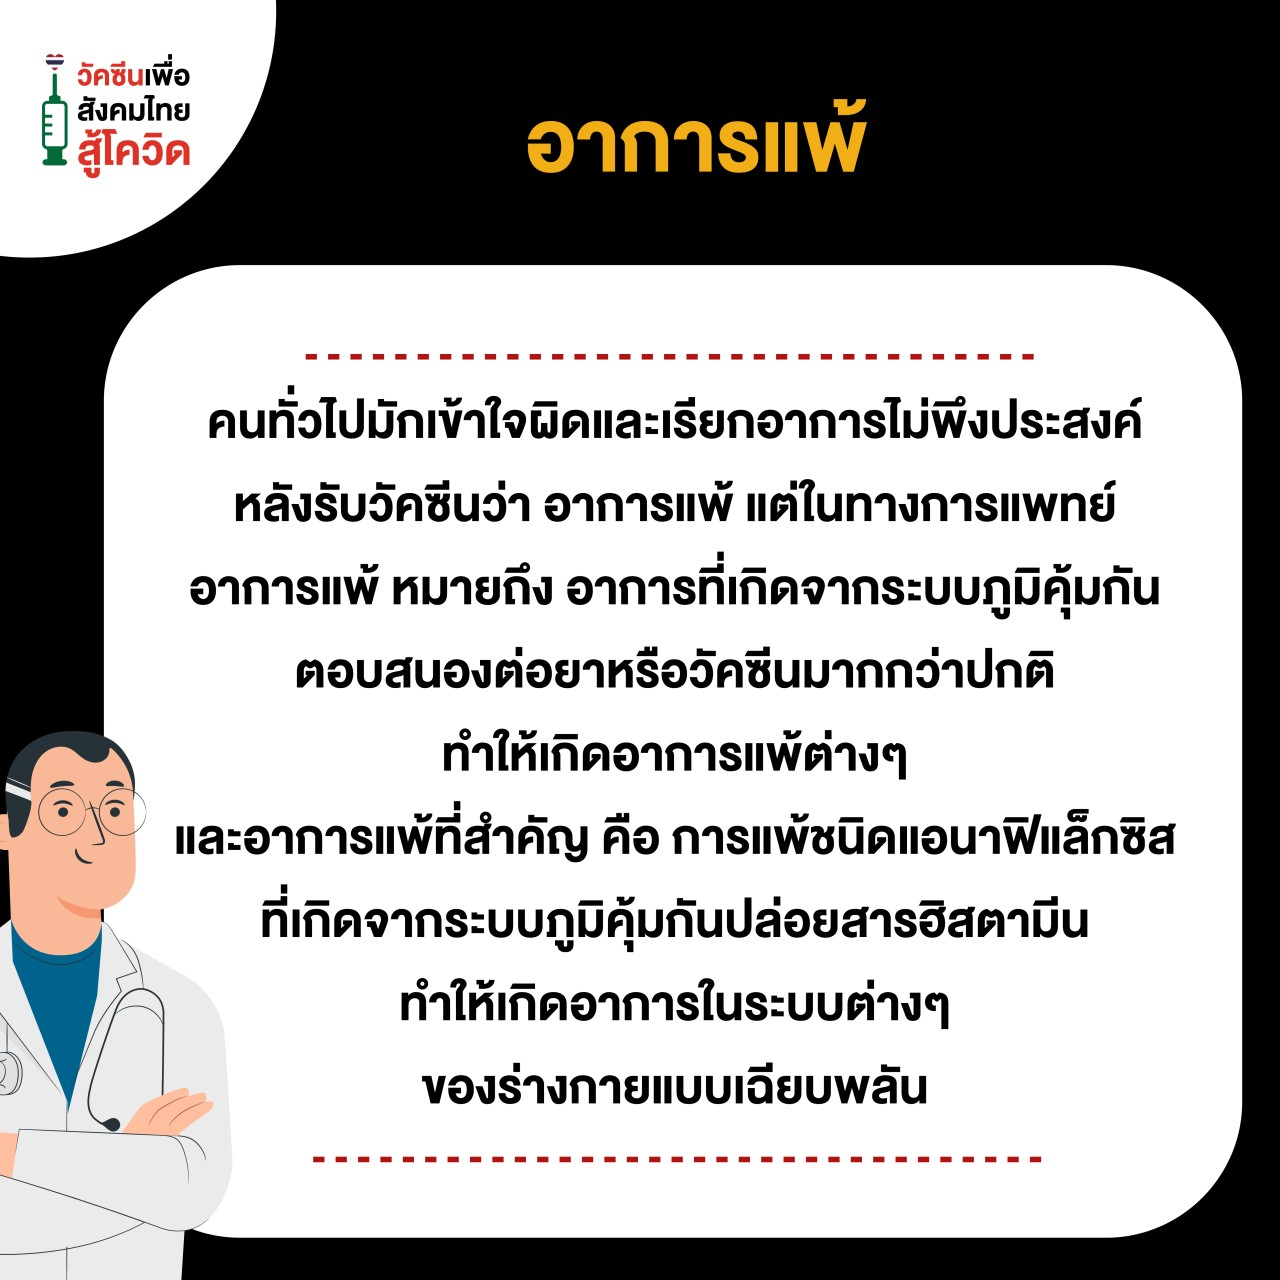 อาการแพ้วัคซีน Covid 19